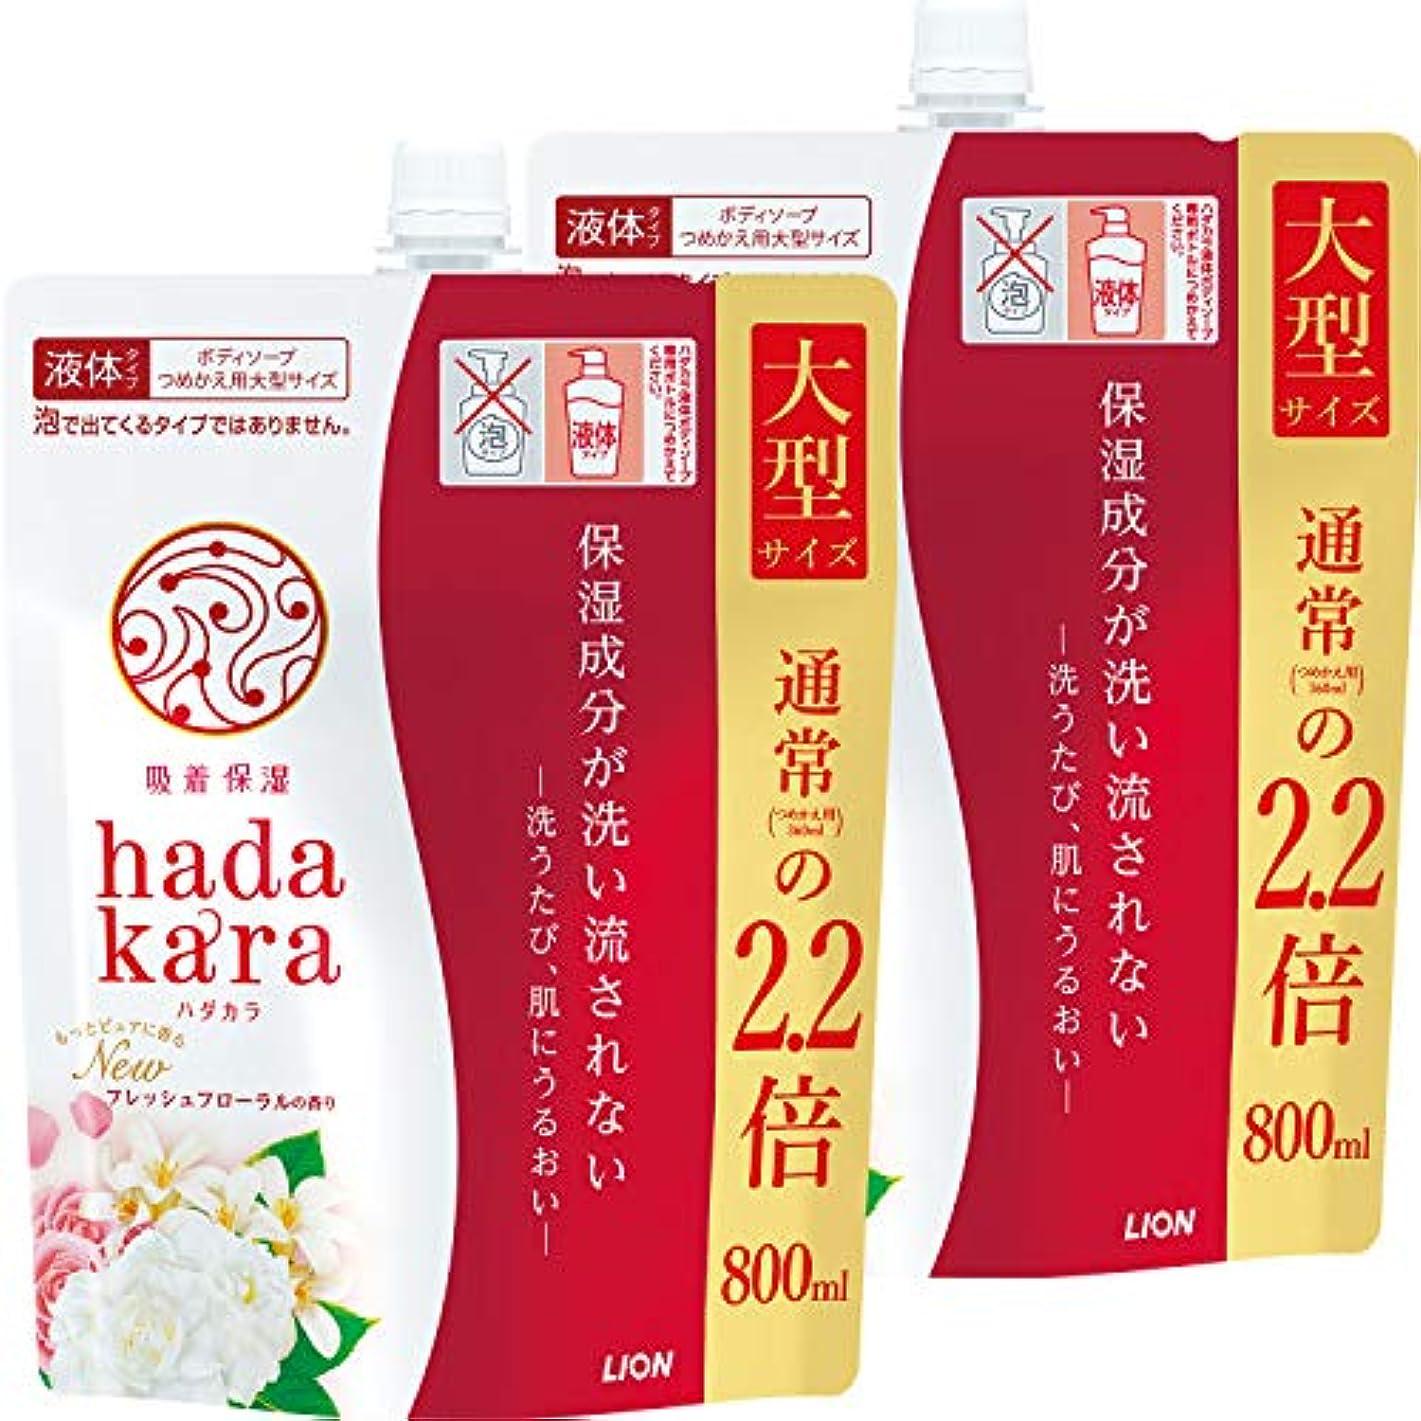 登場実施するフォークhadakara(ハダカラ) ボディソープ フレッシュフローラルの香り つめかえ用大型サイズ 800ml×2個